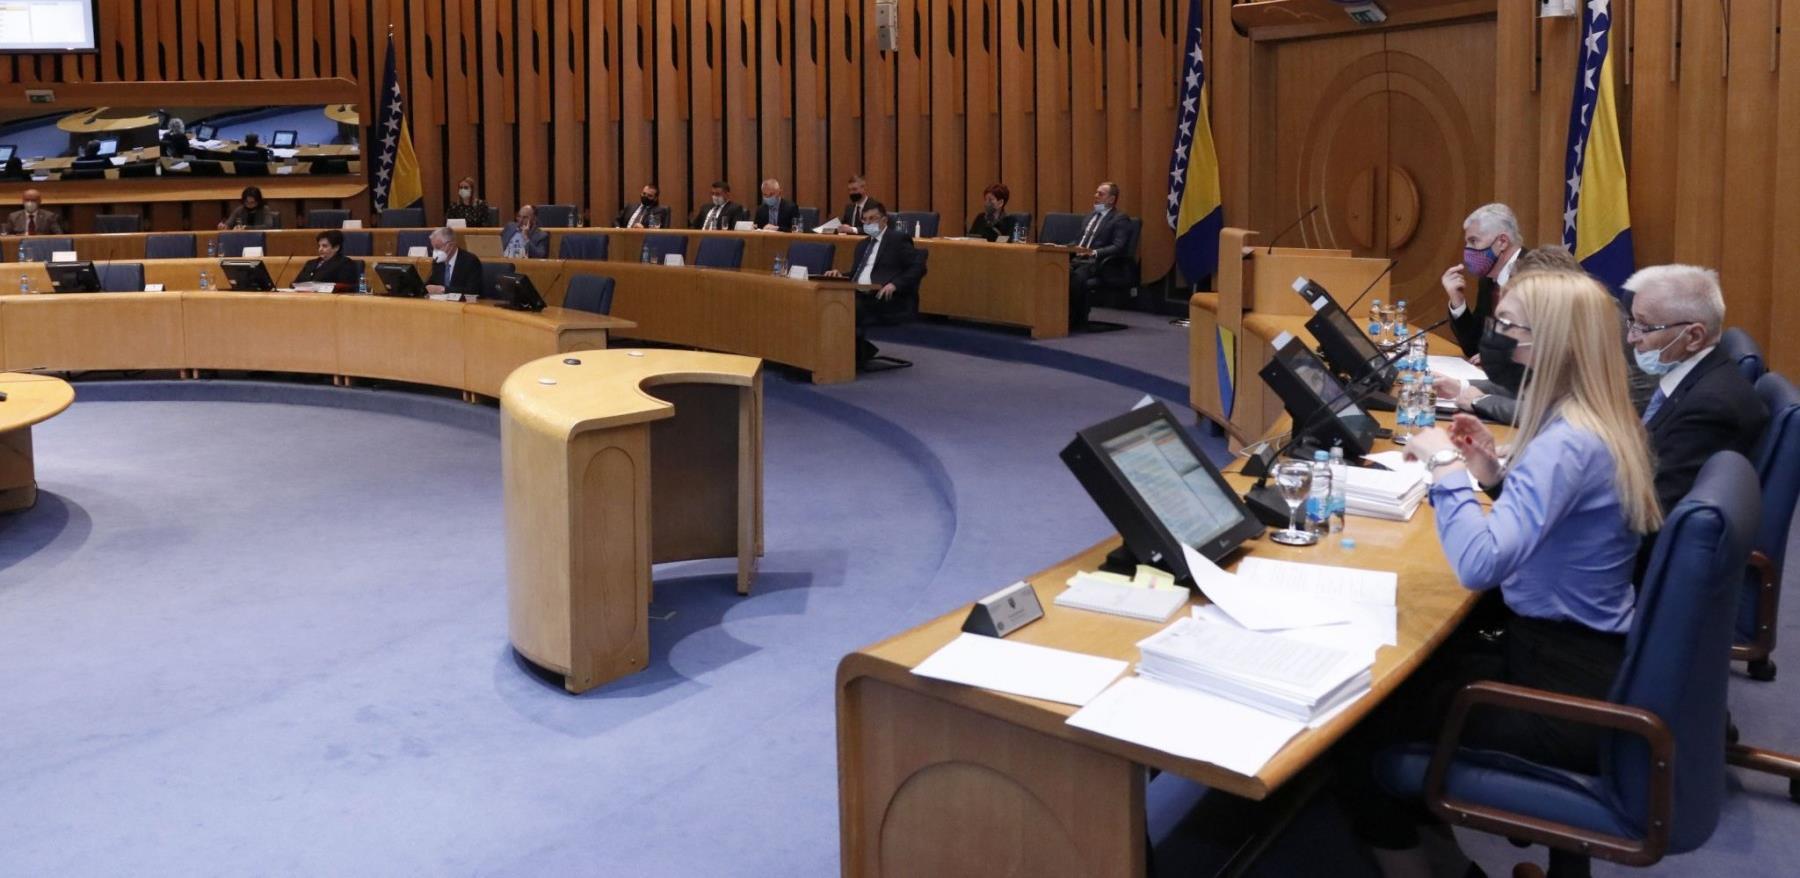 Izmjene zakona o javnim nabavkama i lijekovima nisu dobili podršku u državnom parlamentu